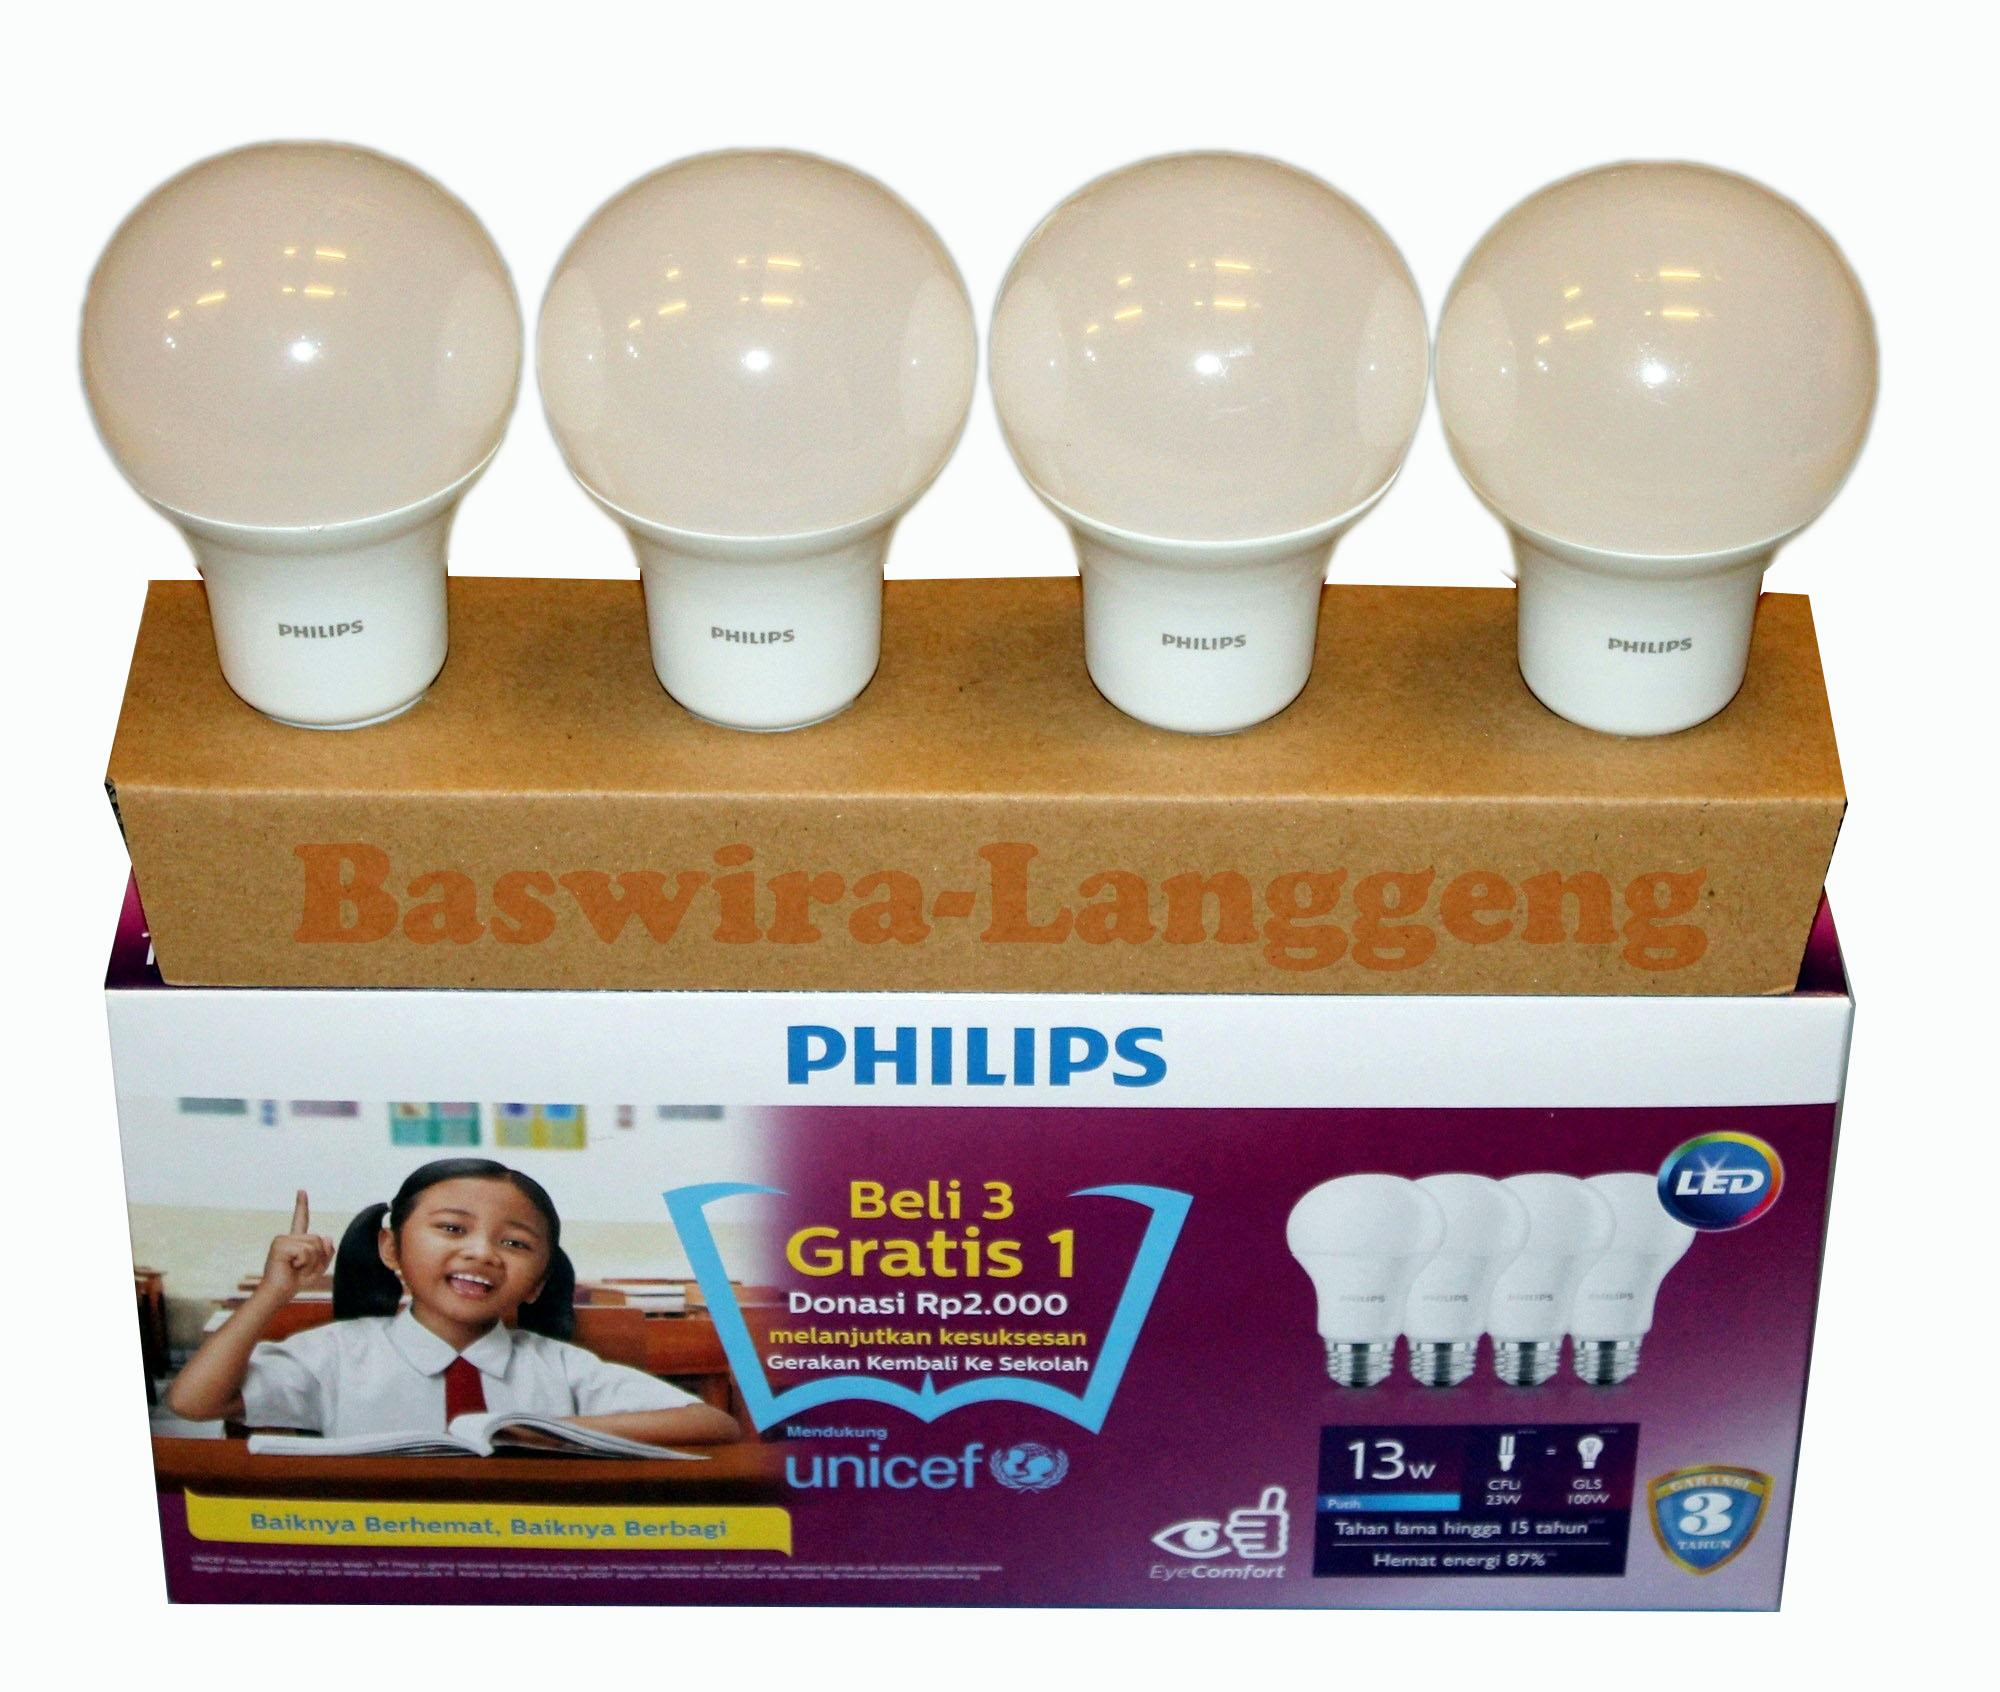 PHILIPS Lampu Led Bulb 13 Watt 13W UNICEF Paket Beli 3 Gratis 1 Putih